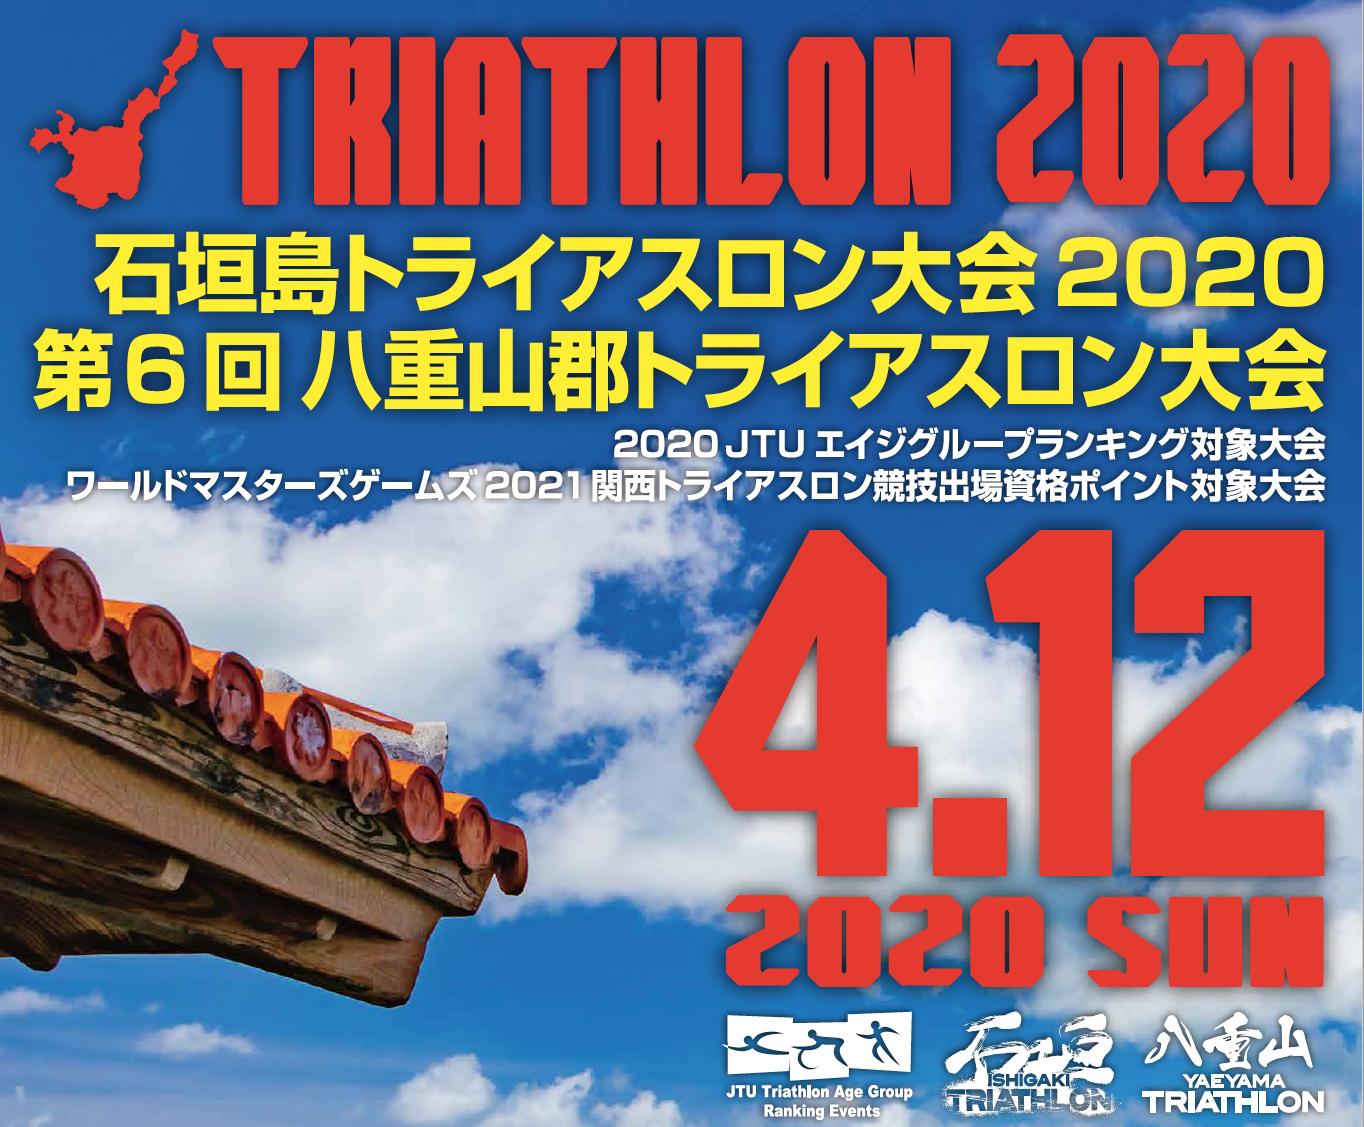 石垣島トライアスロン大会2020